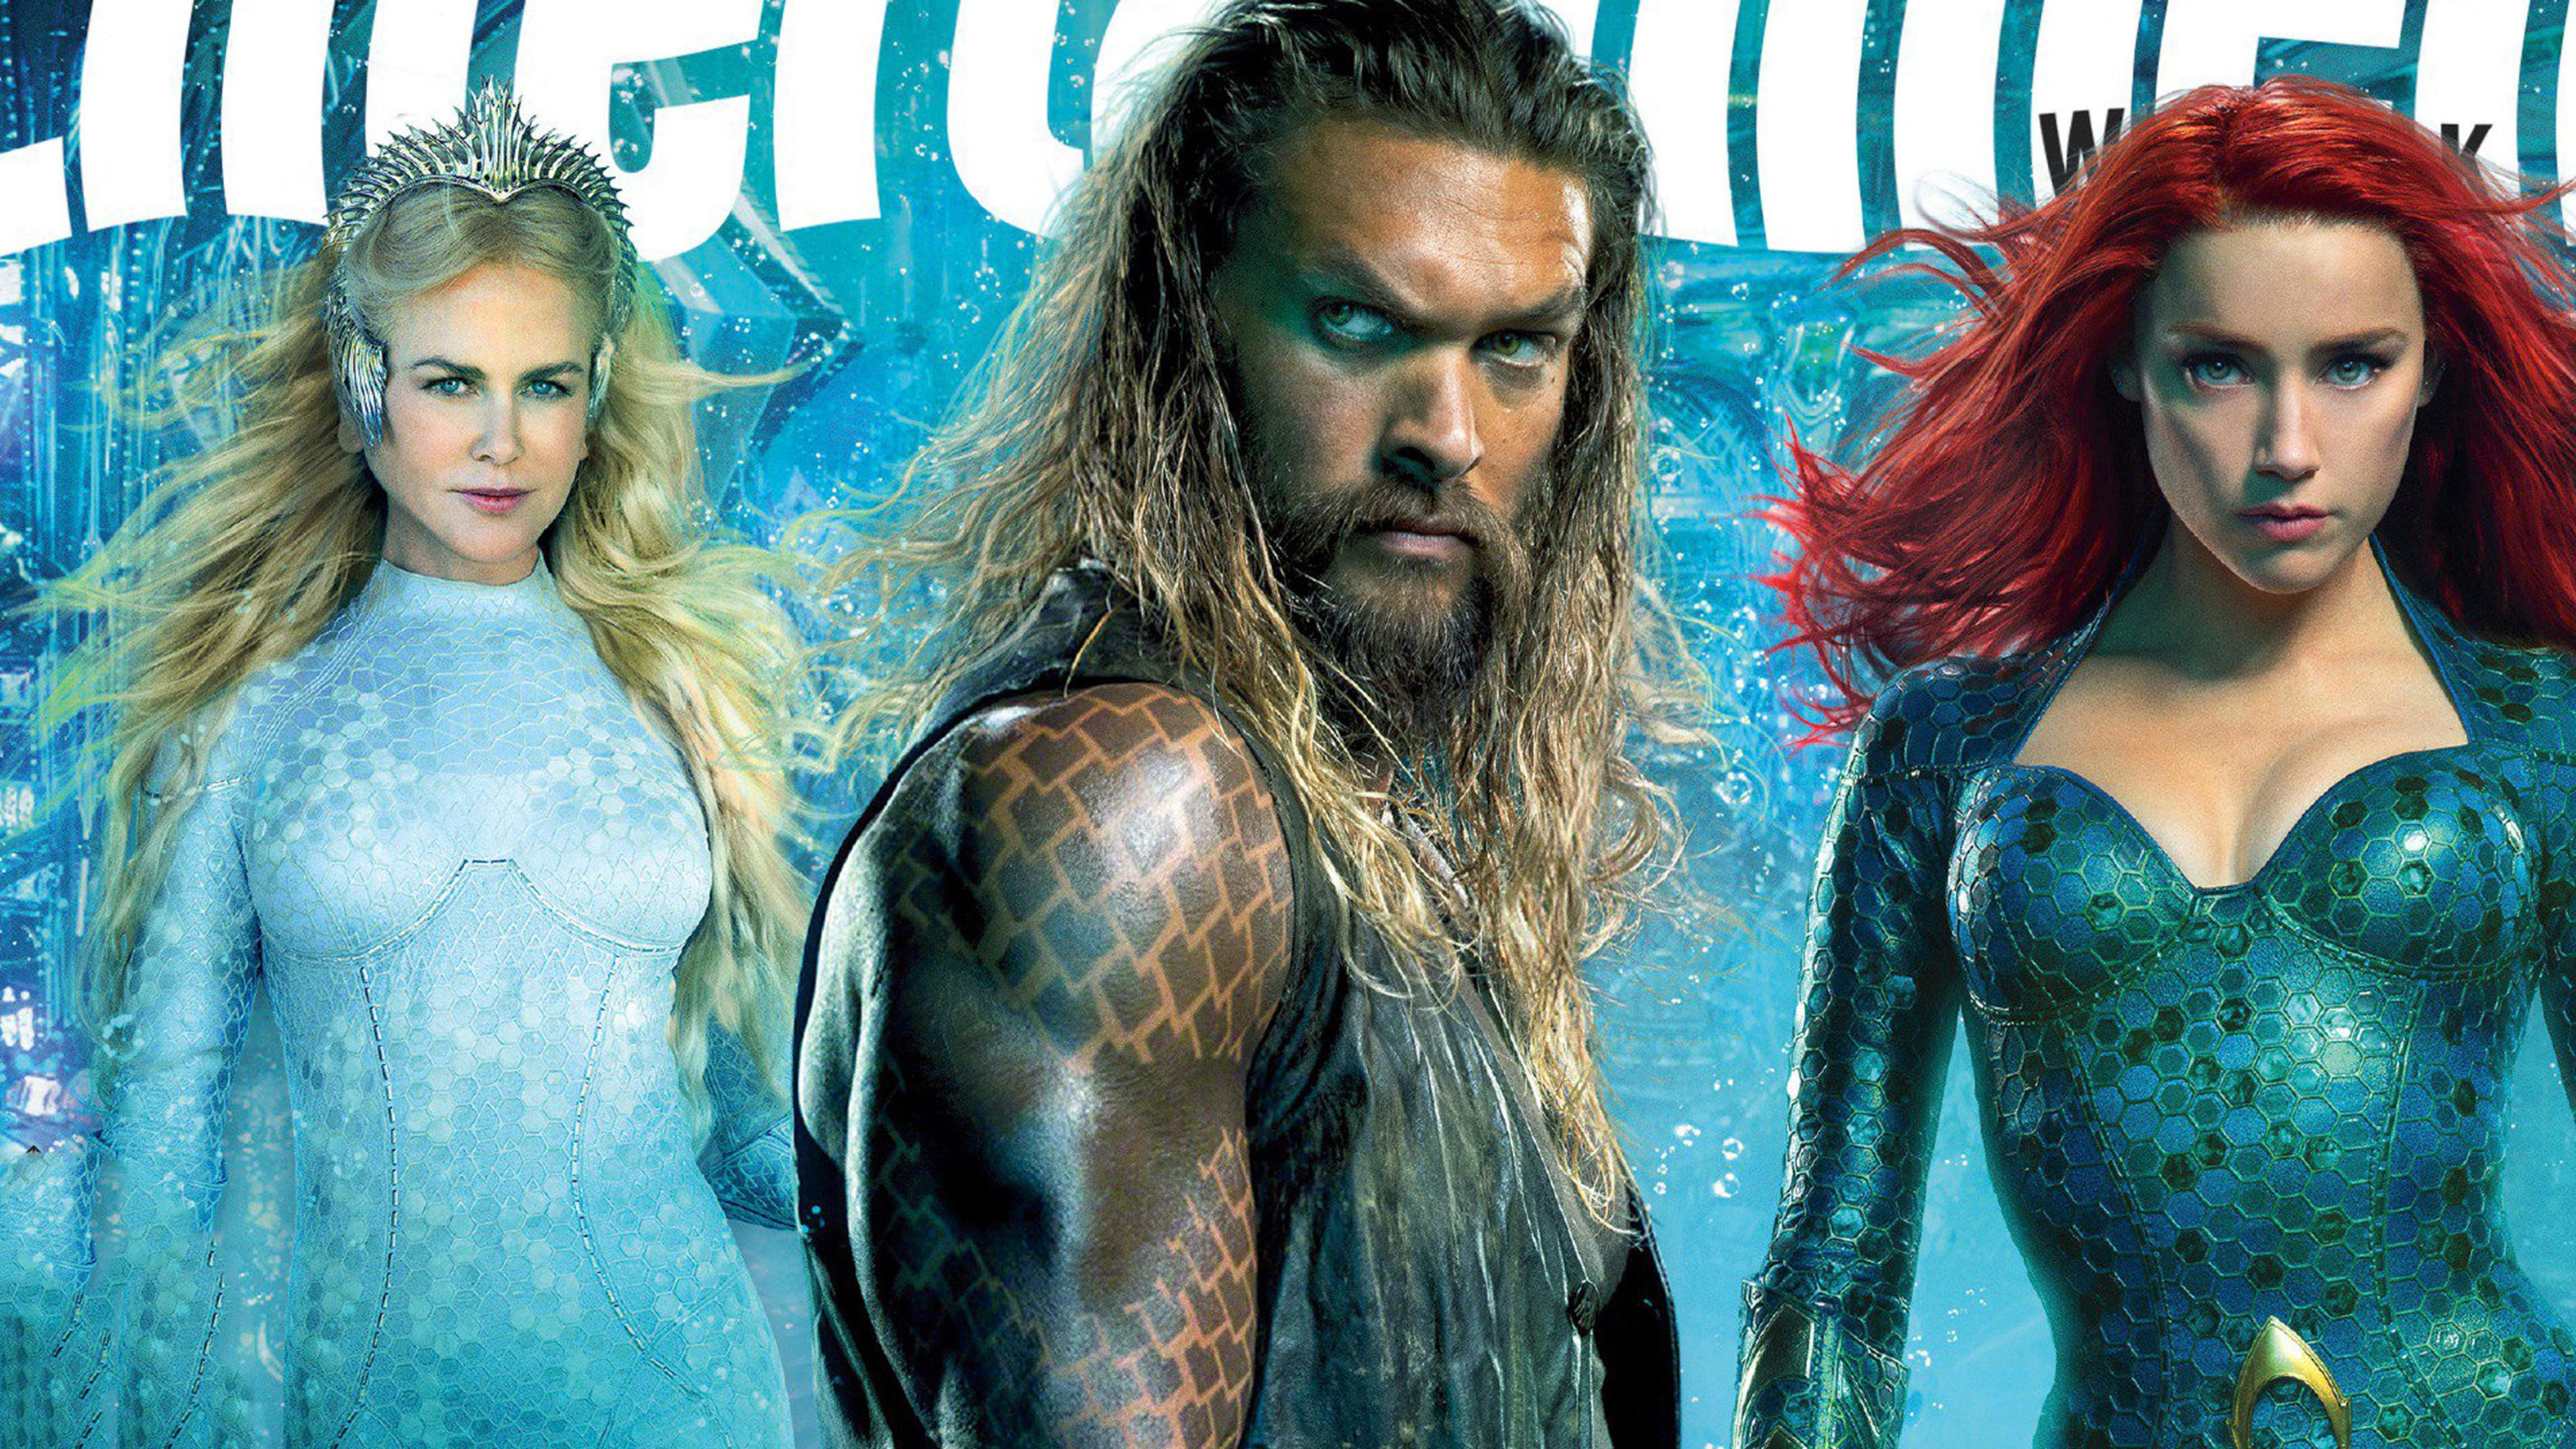 Aquaman Mera Queen Atlanna Movie 2018 4k Wallpaper Best Wallpapers